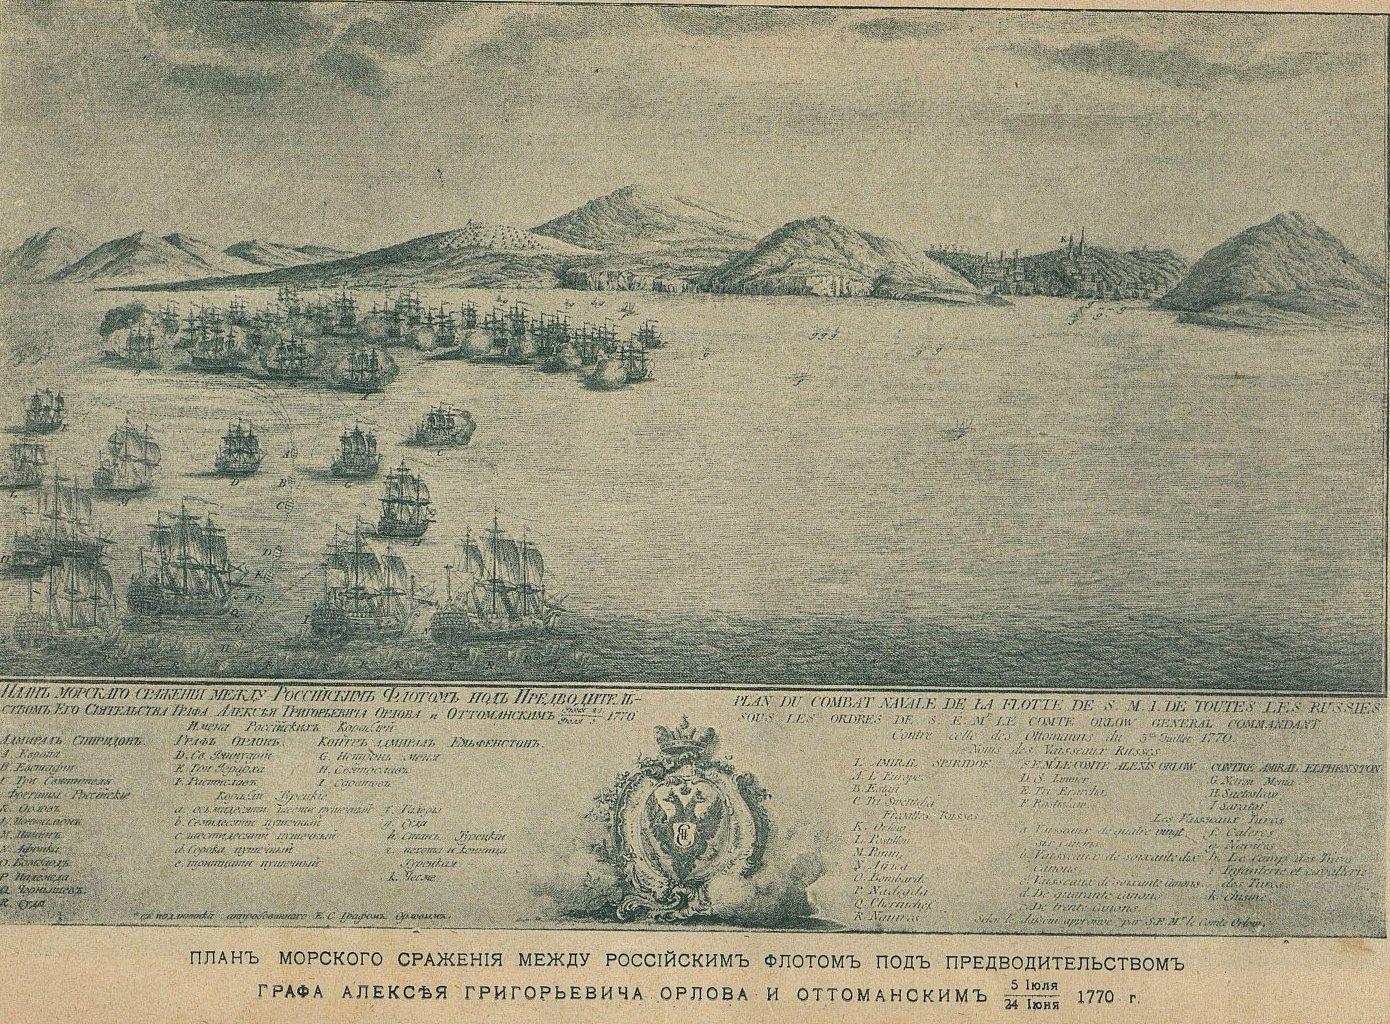 План Чесменского сражения 24 июня 1770 г.